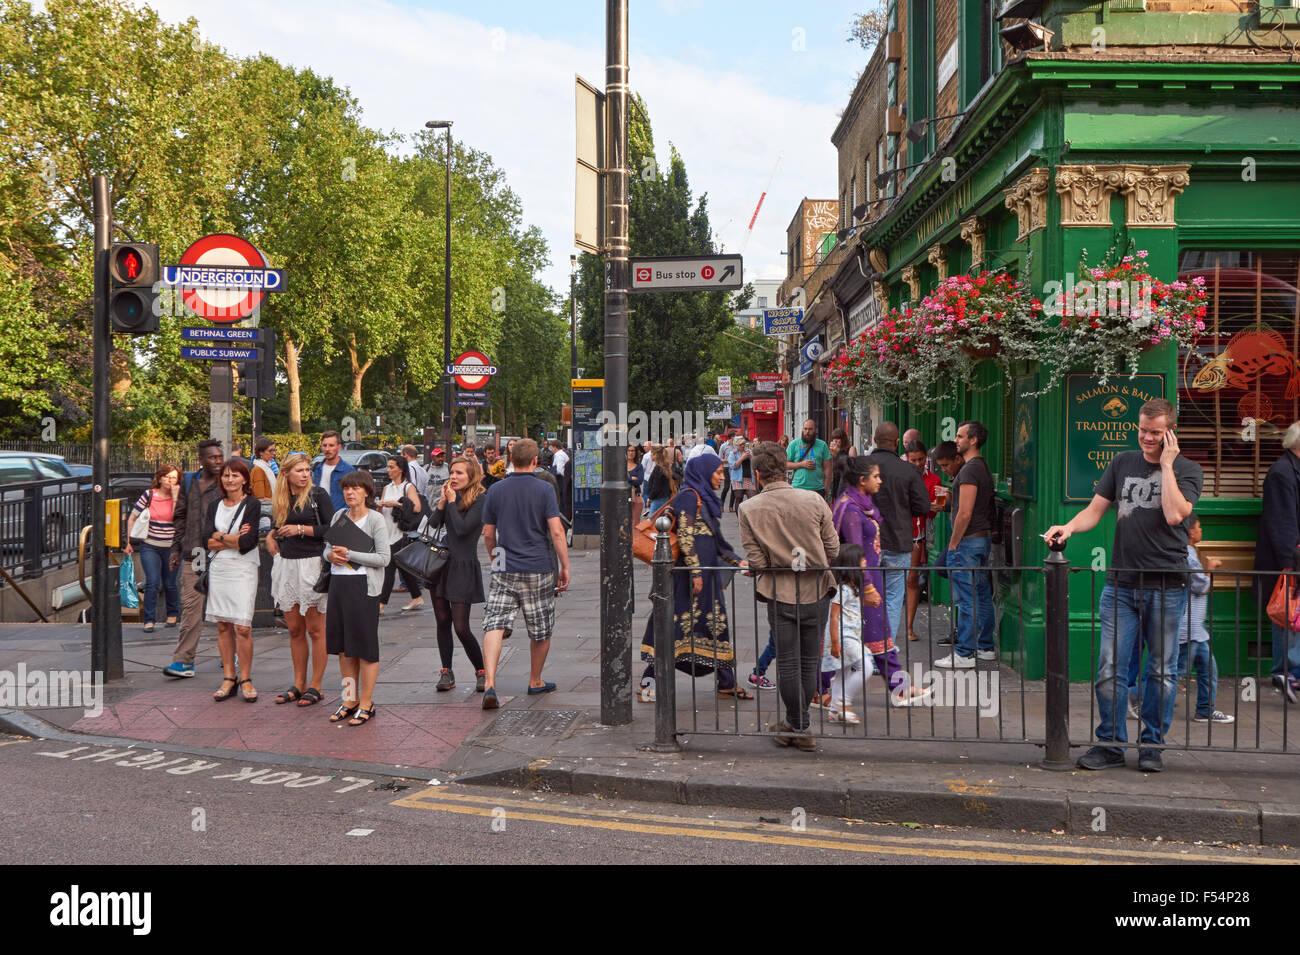 Outside Bethnal Green Underground Station, London England United Kingdom UK - Stock Image